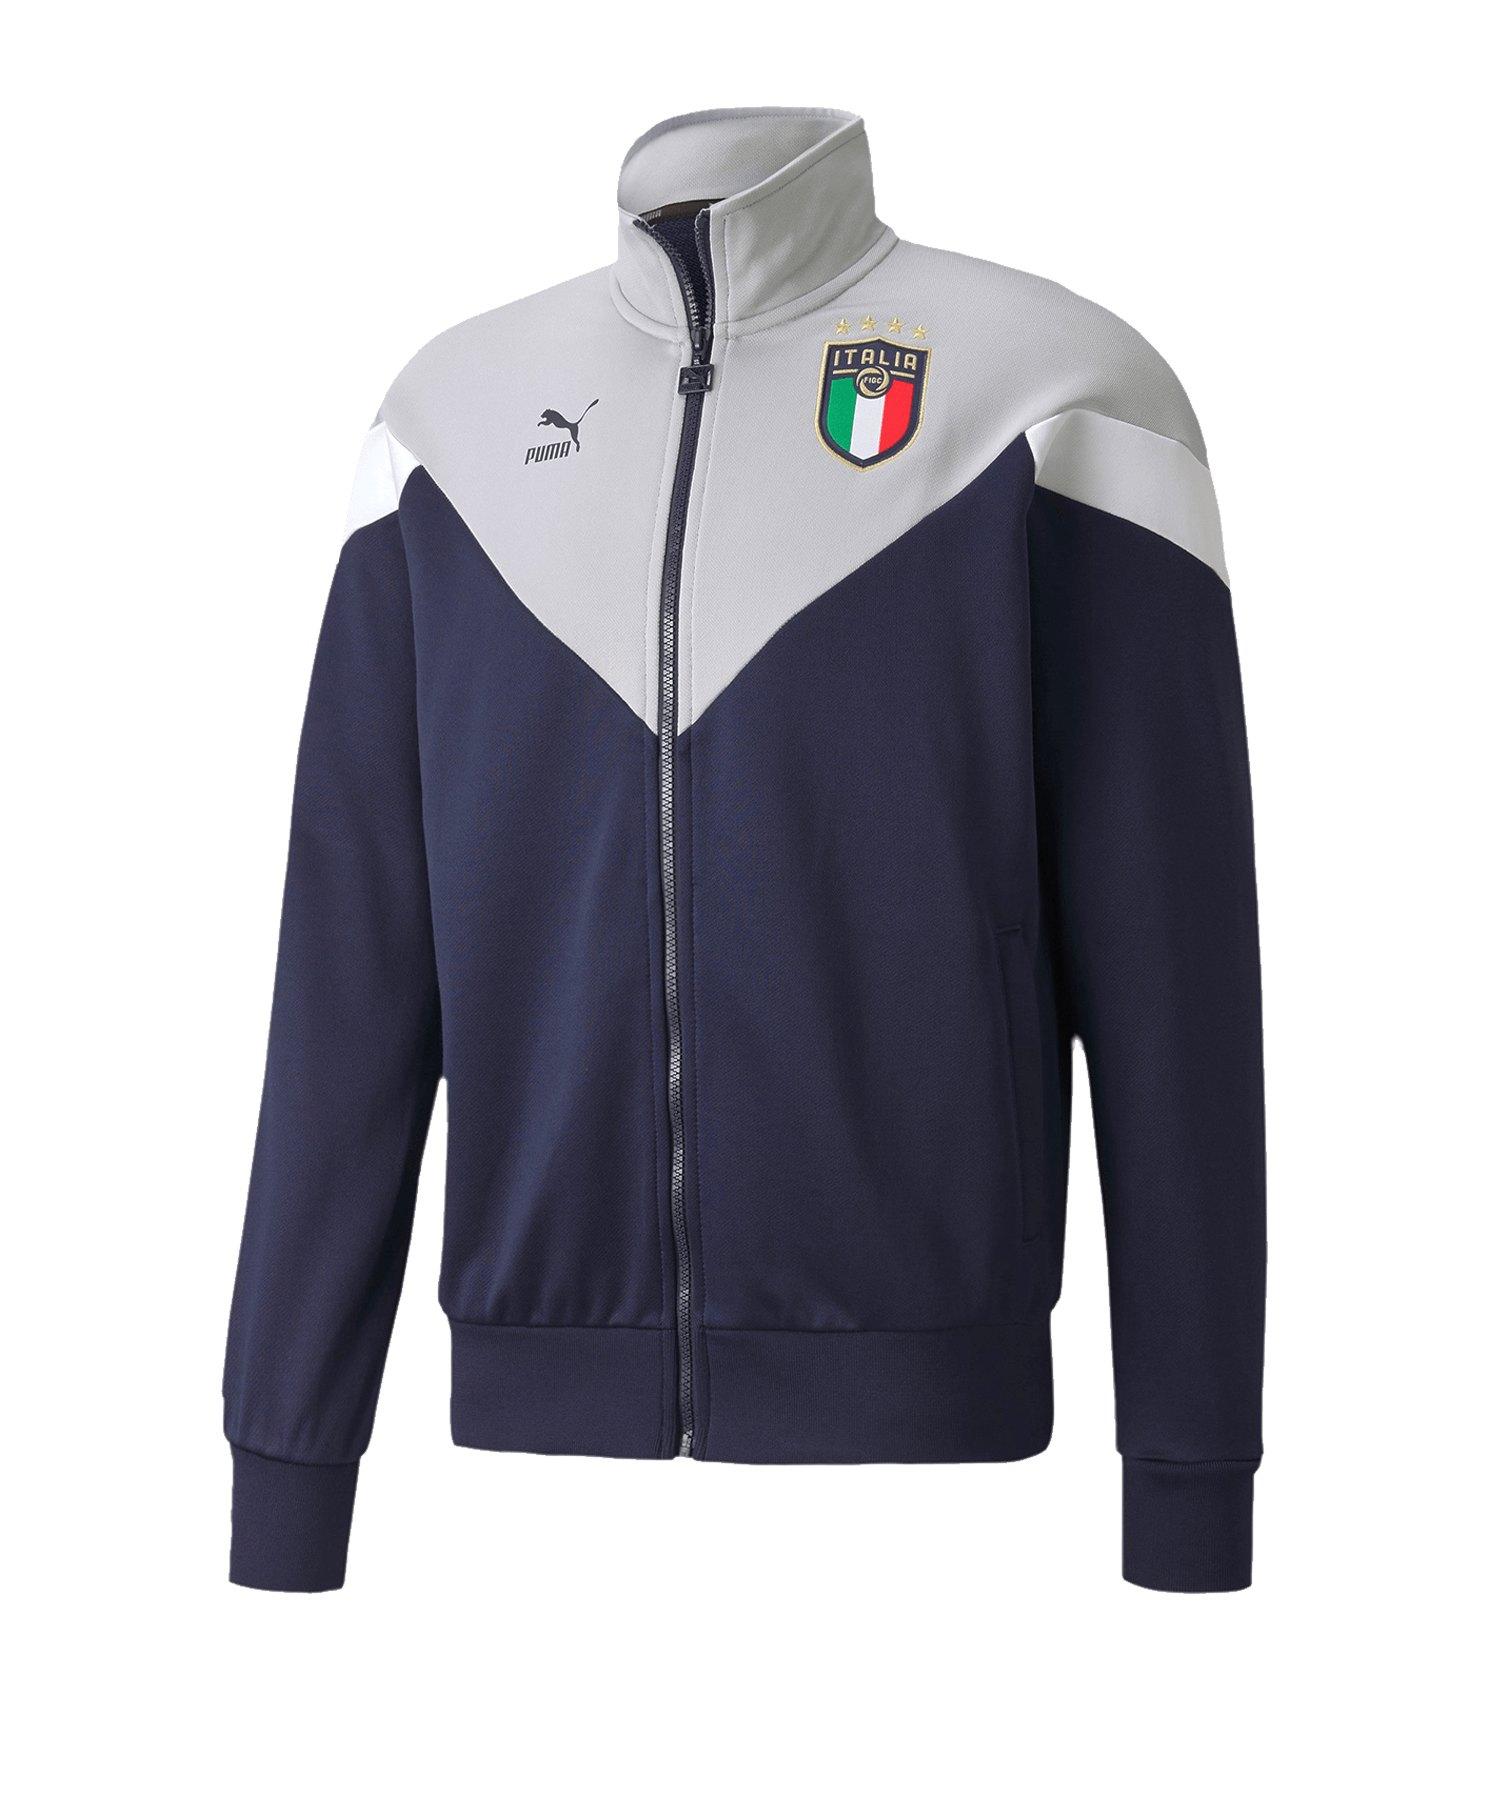 PUMA Italien Iconic Track Jacket Jacke Blau F05 - blau